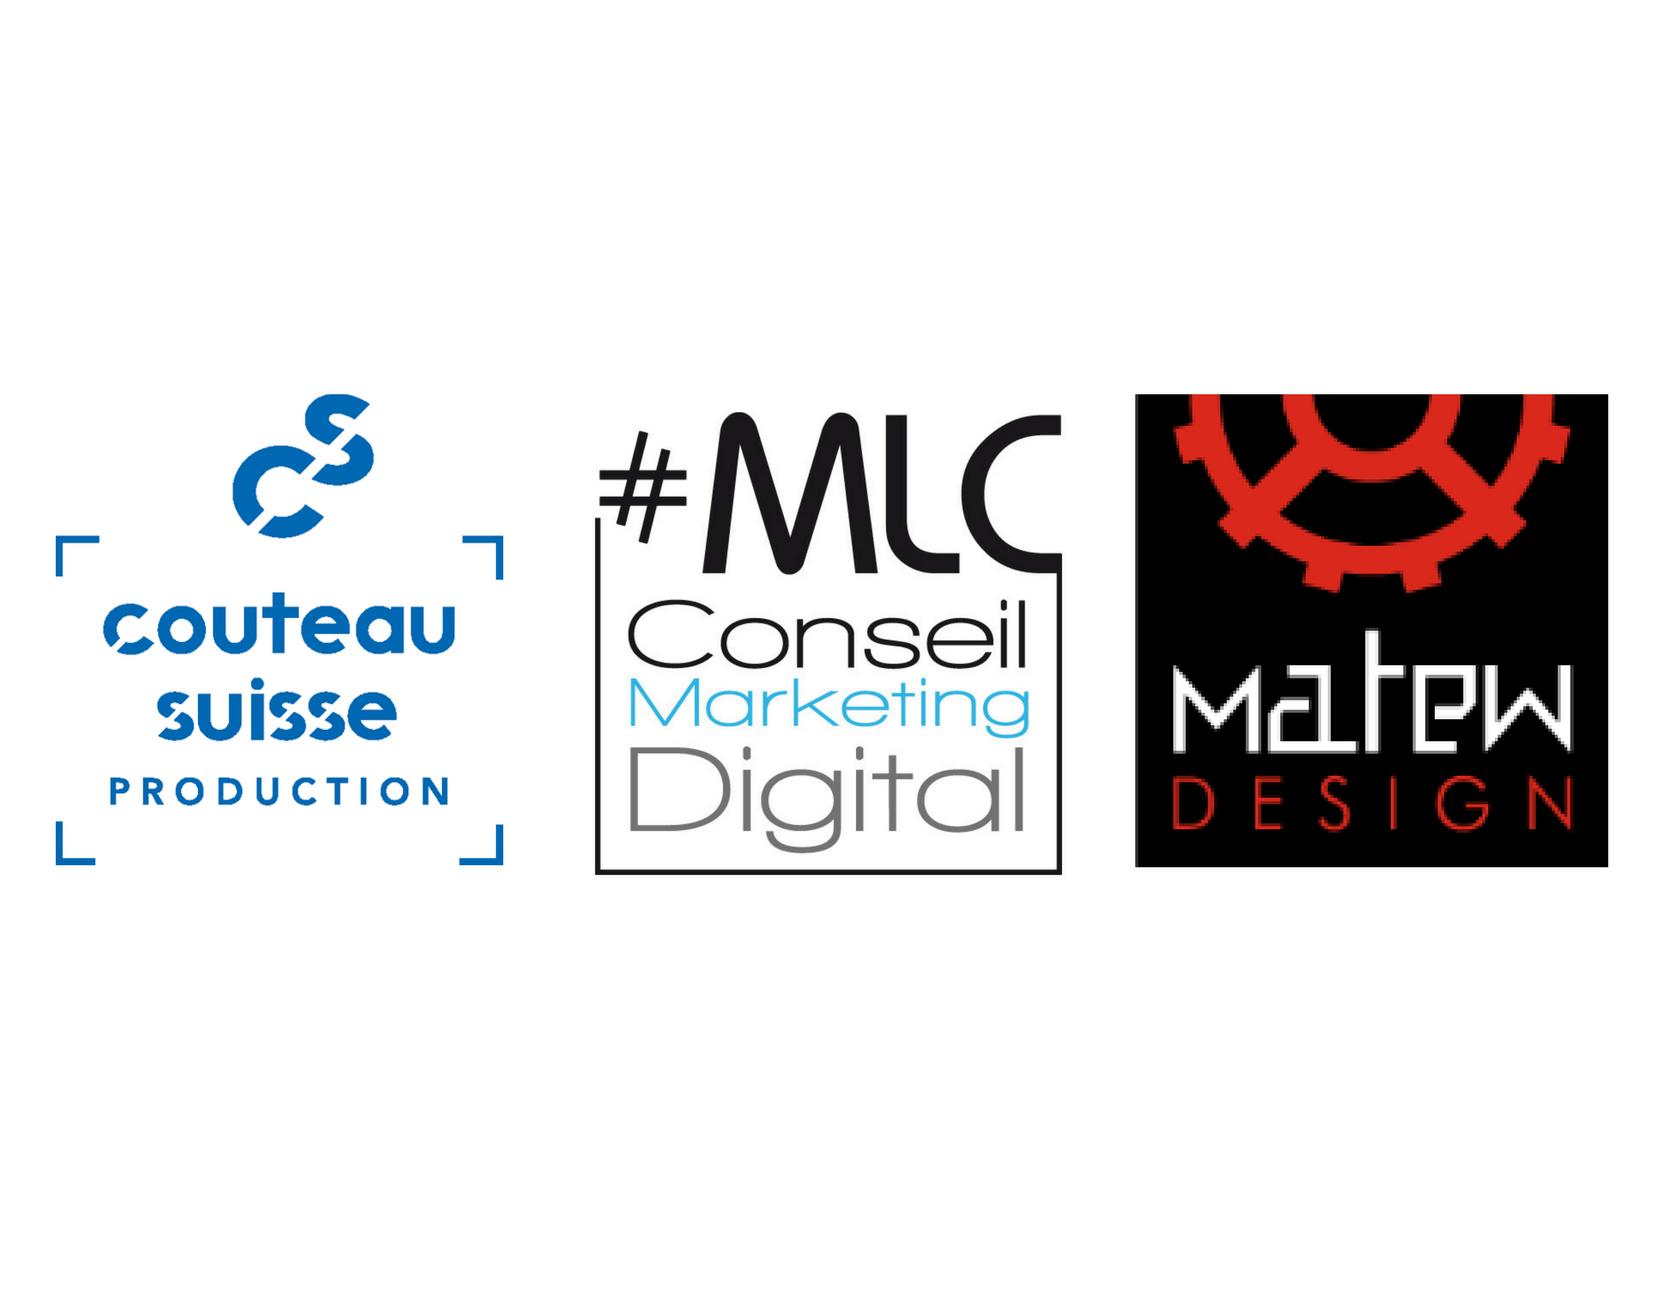 logos MLC Conseil Matew design et Couteau suisse production